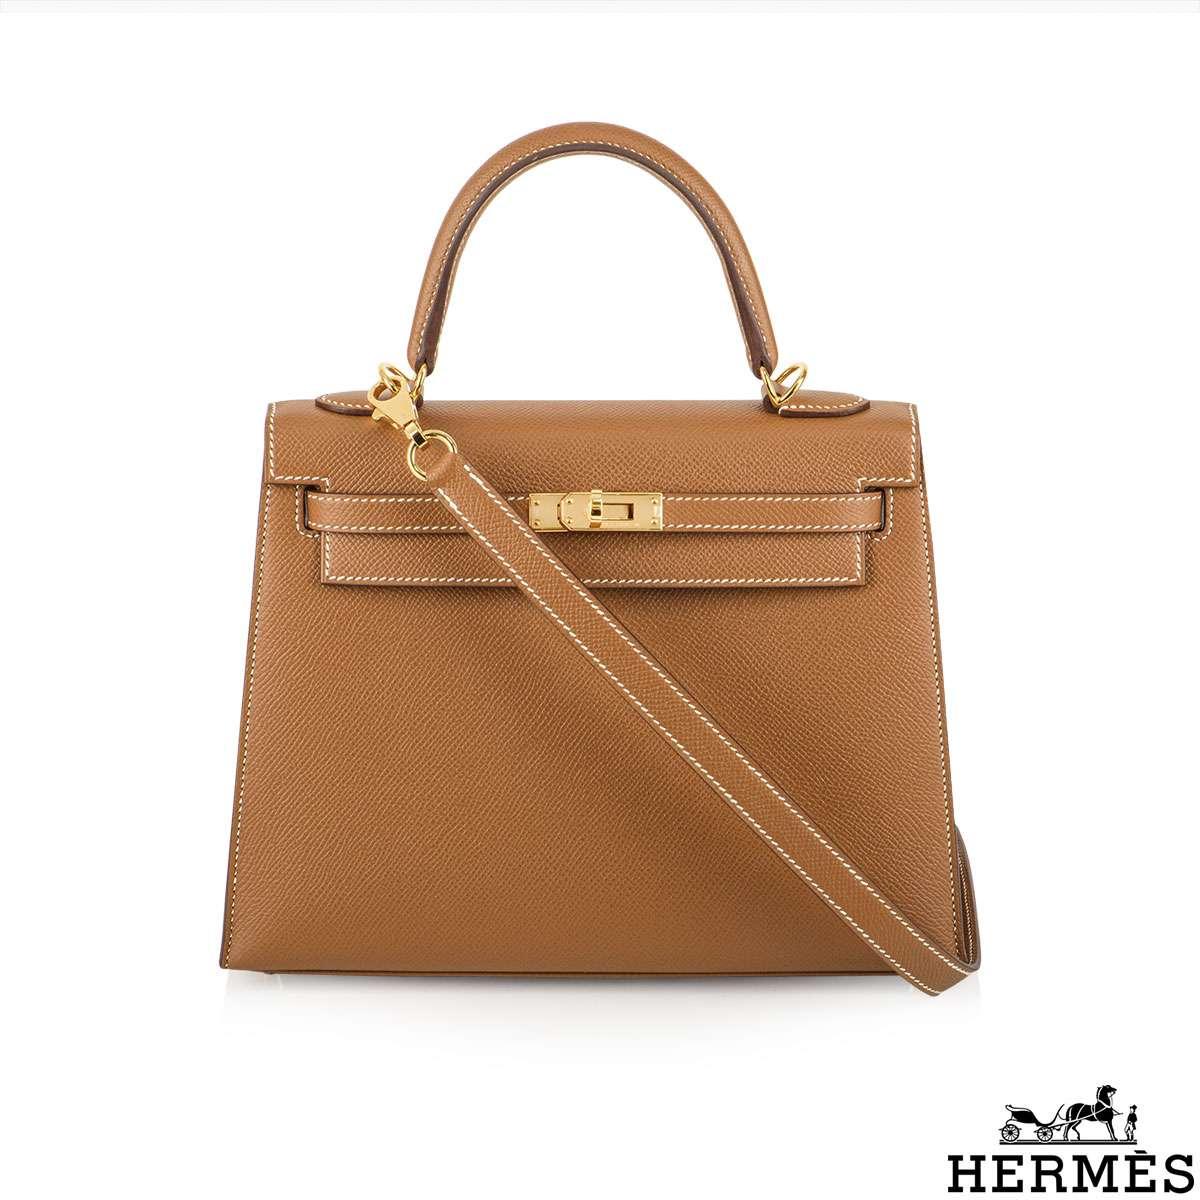 Hermès 25cm Gold Veau Epsom Kelly Bag